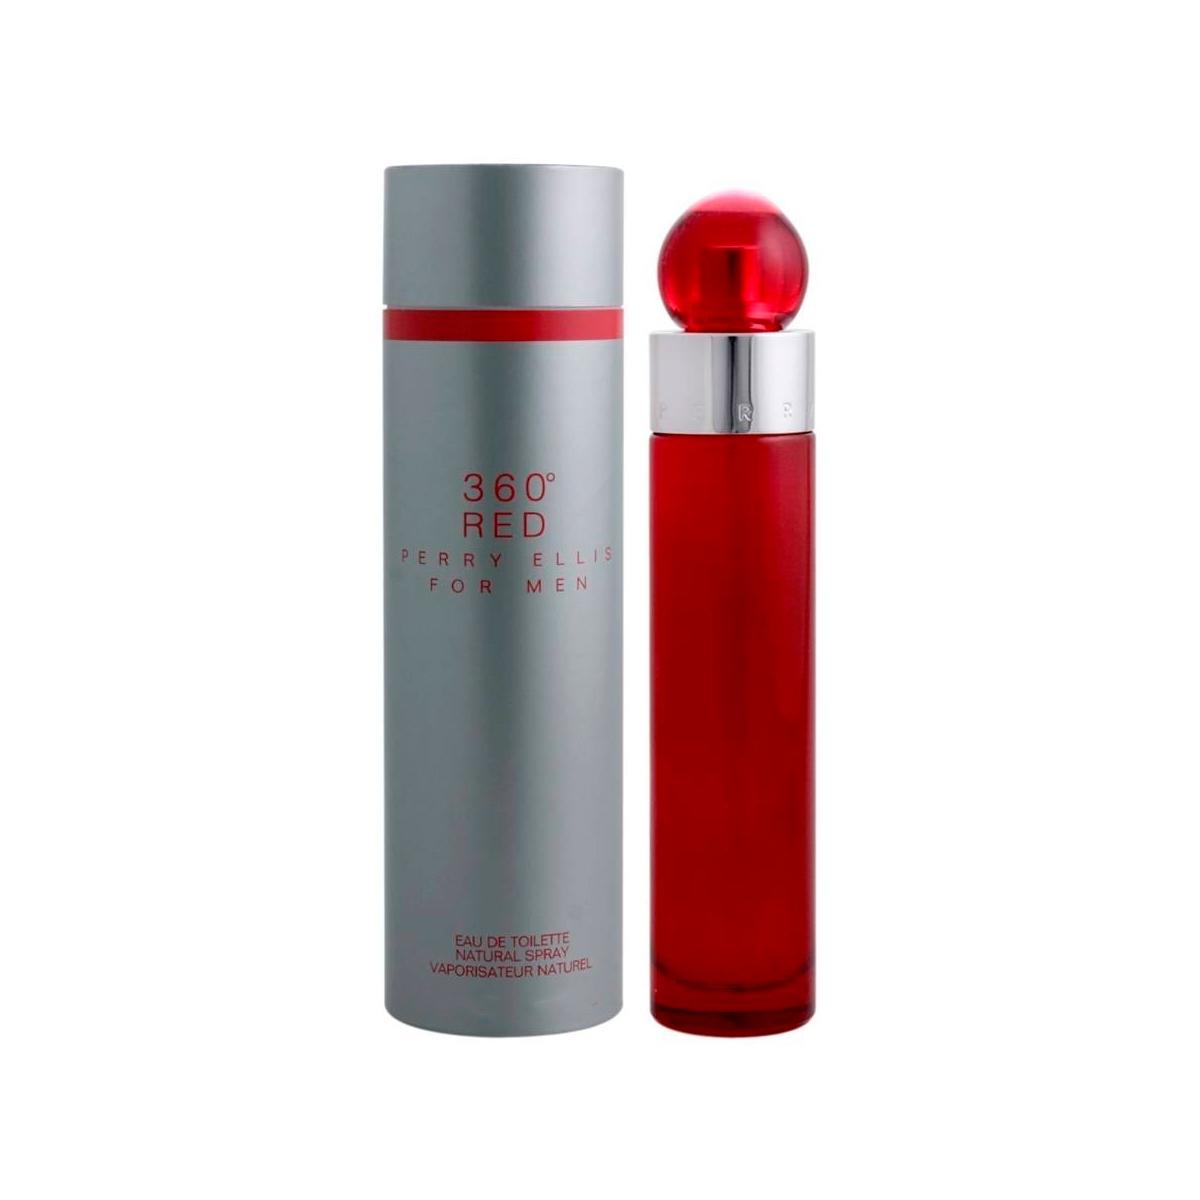 360 Rouge pour Hommes Eau de Toilette Spray par Perry Ellis 98ml - $31.55